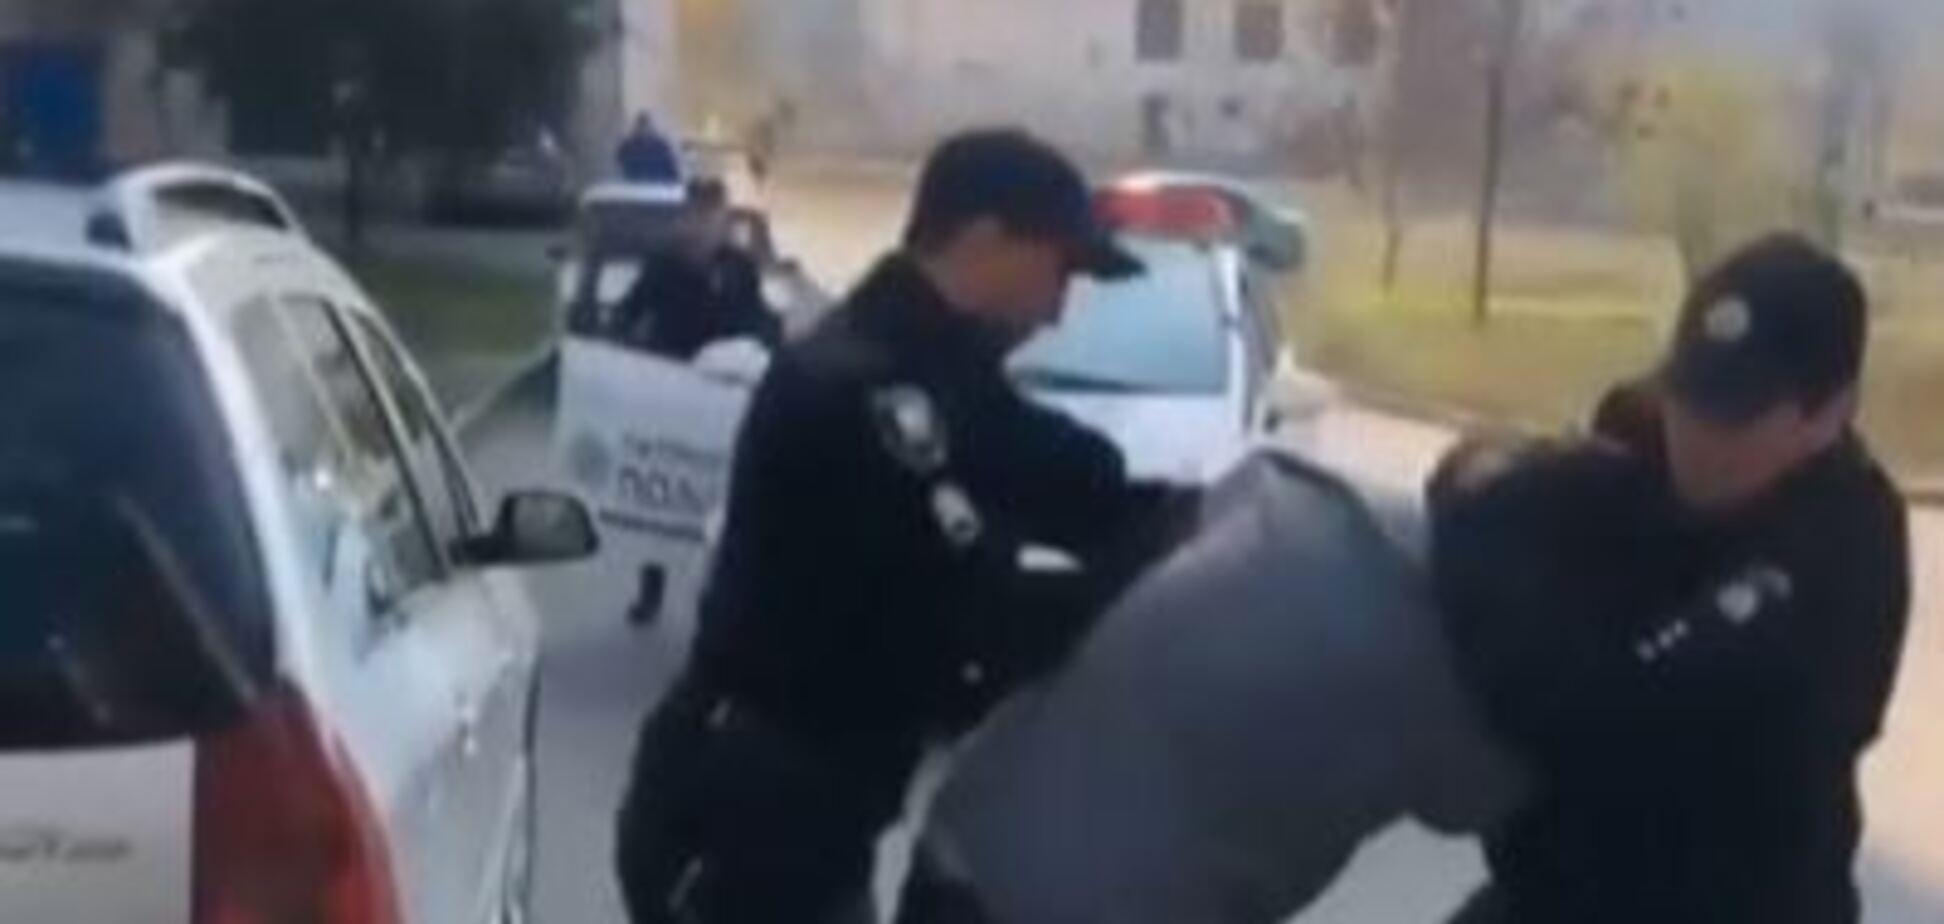 Слышен хруст кости: жесткое задержание украинца копами в Мариуполе попало на видео